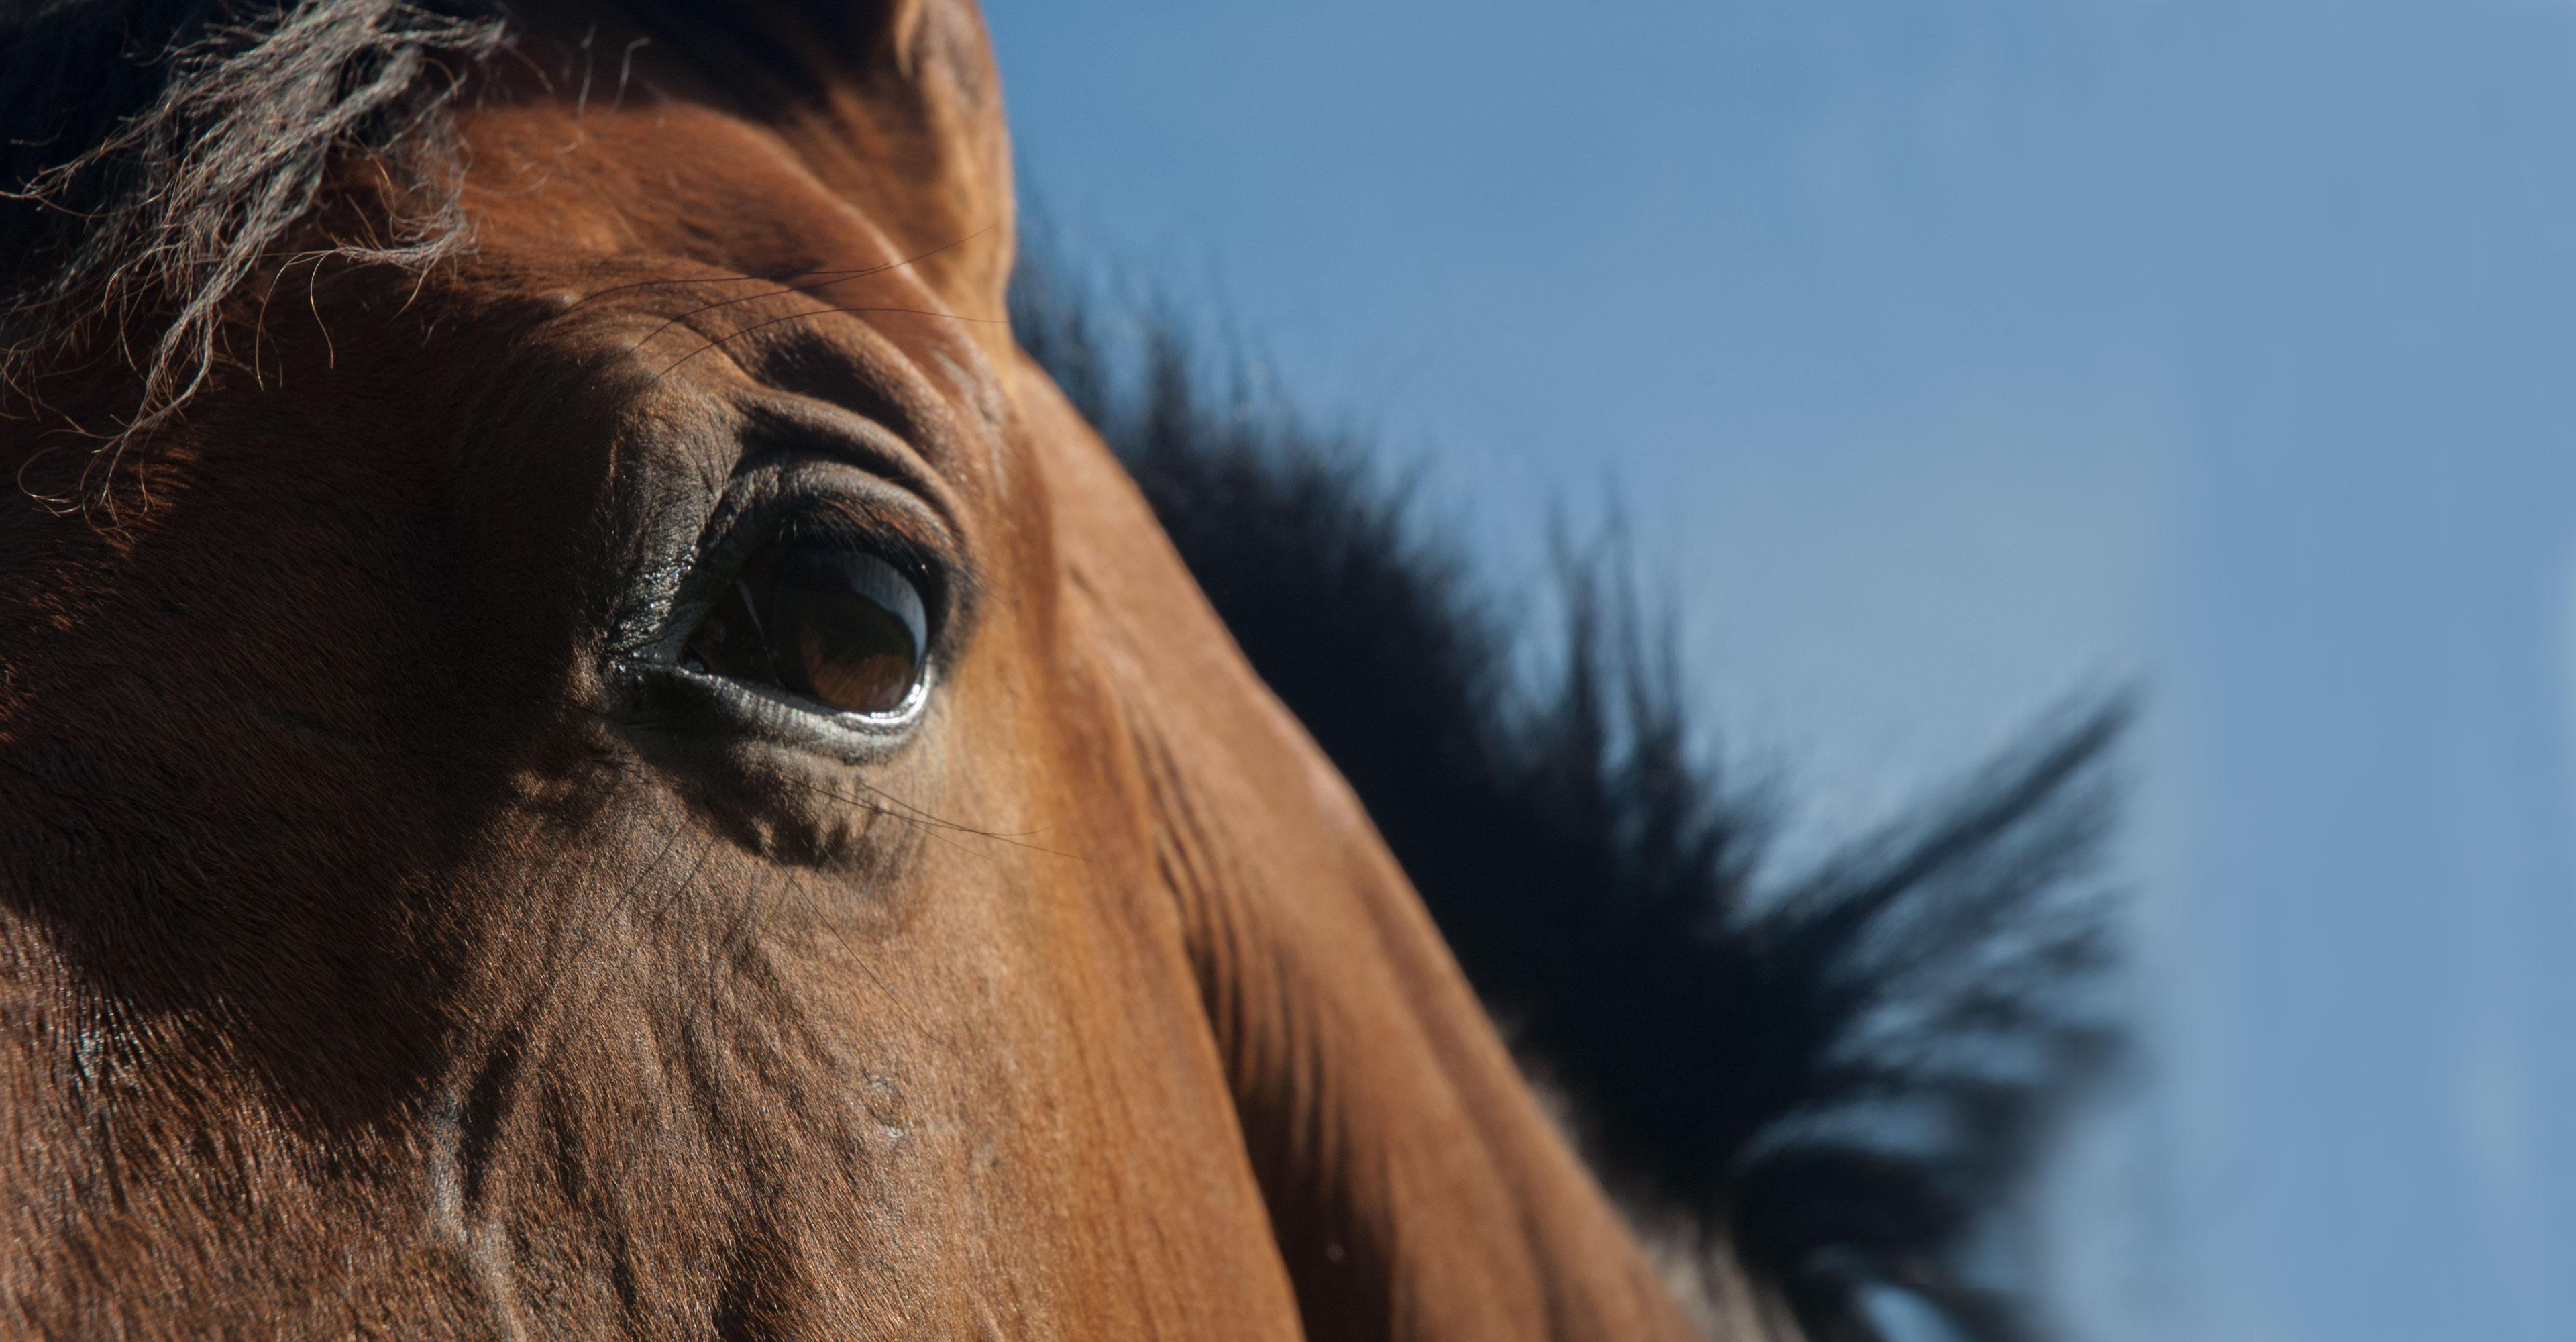 Cluse up horse eye